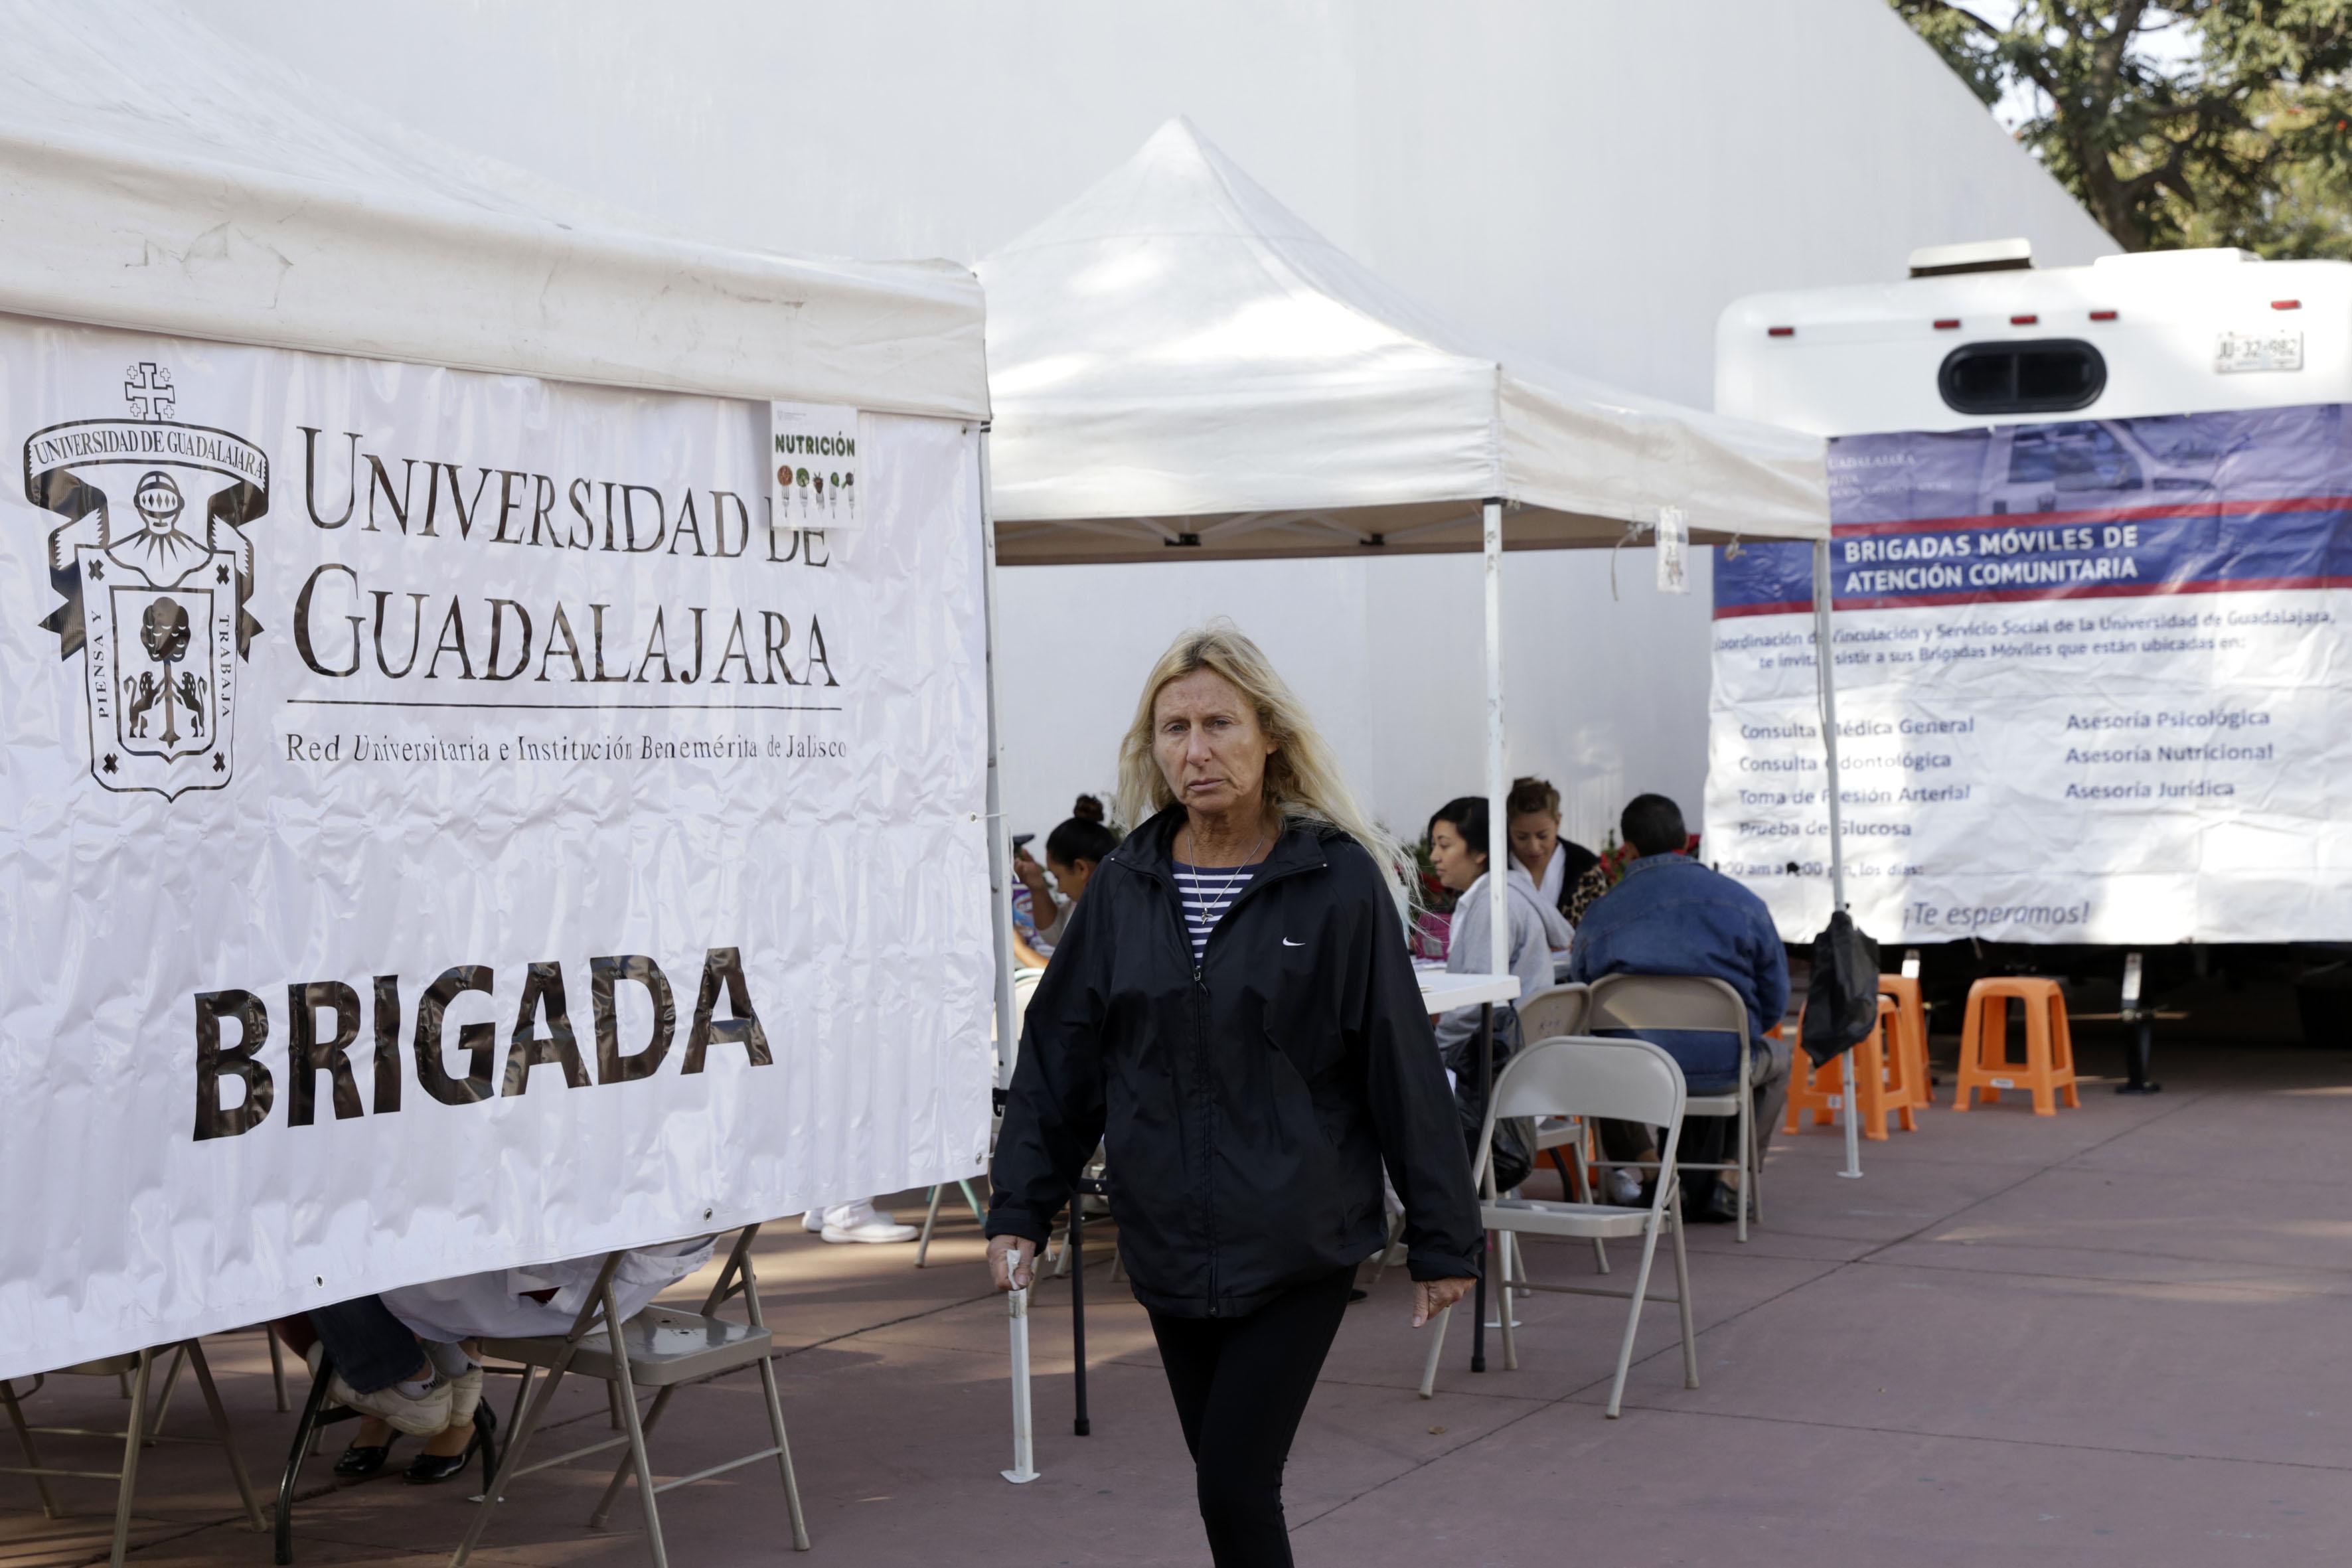 Mujer asistiendo a las brigadas móviles